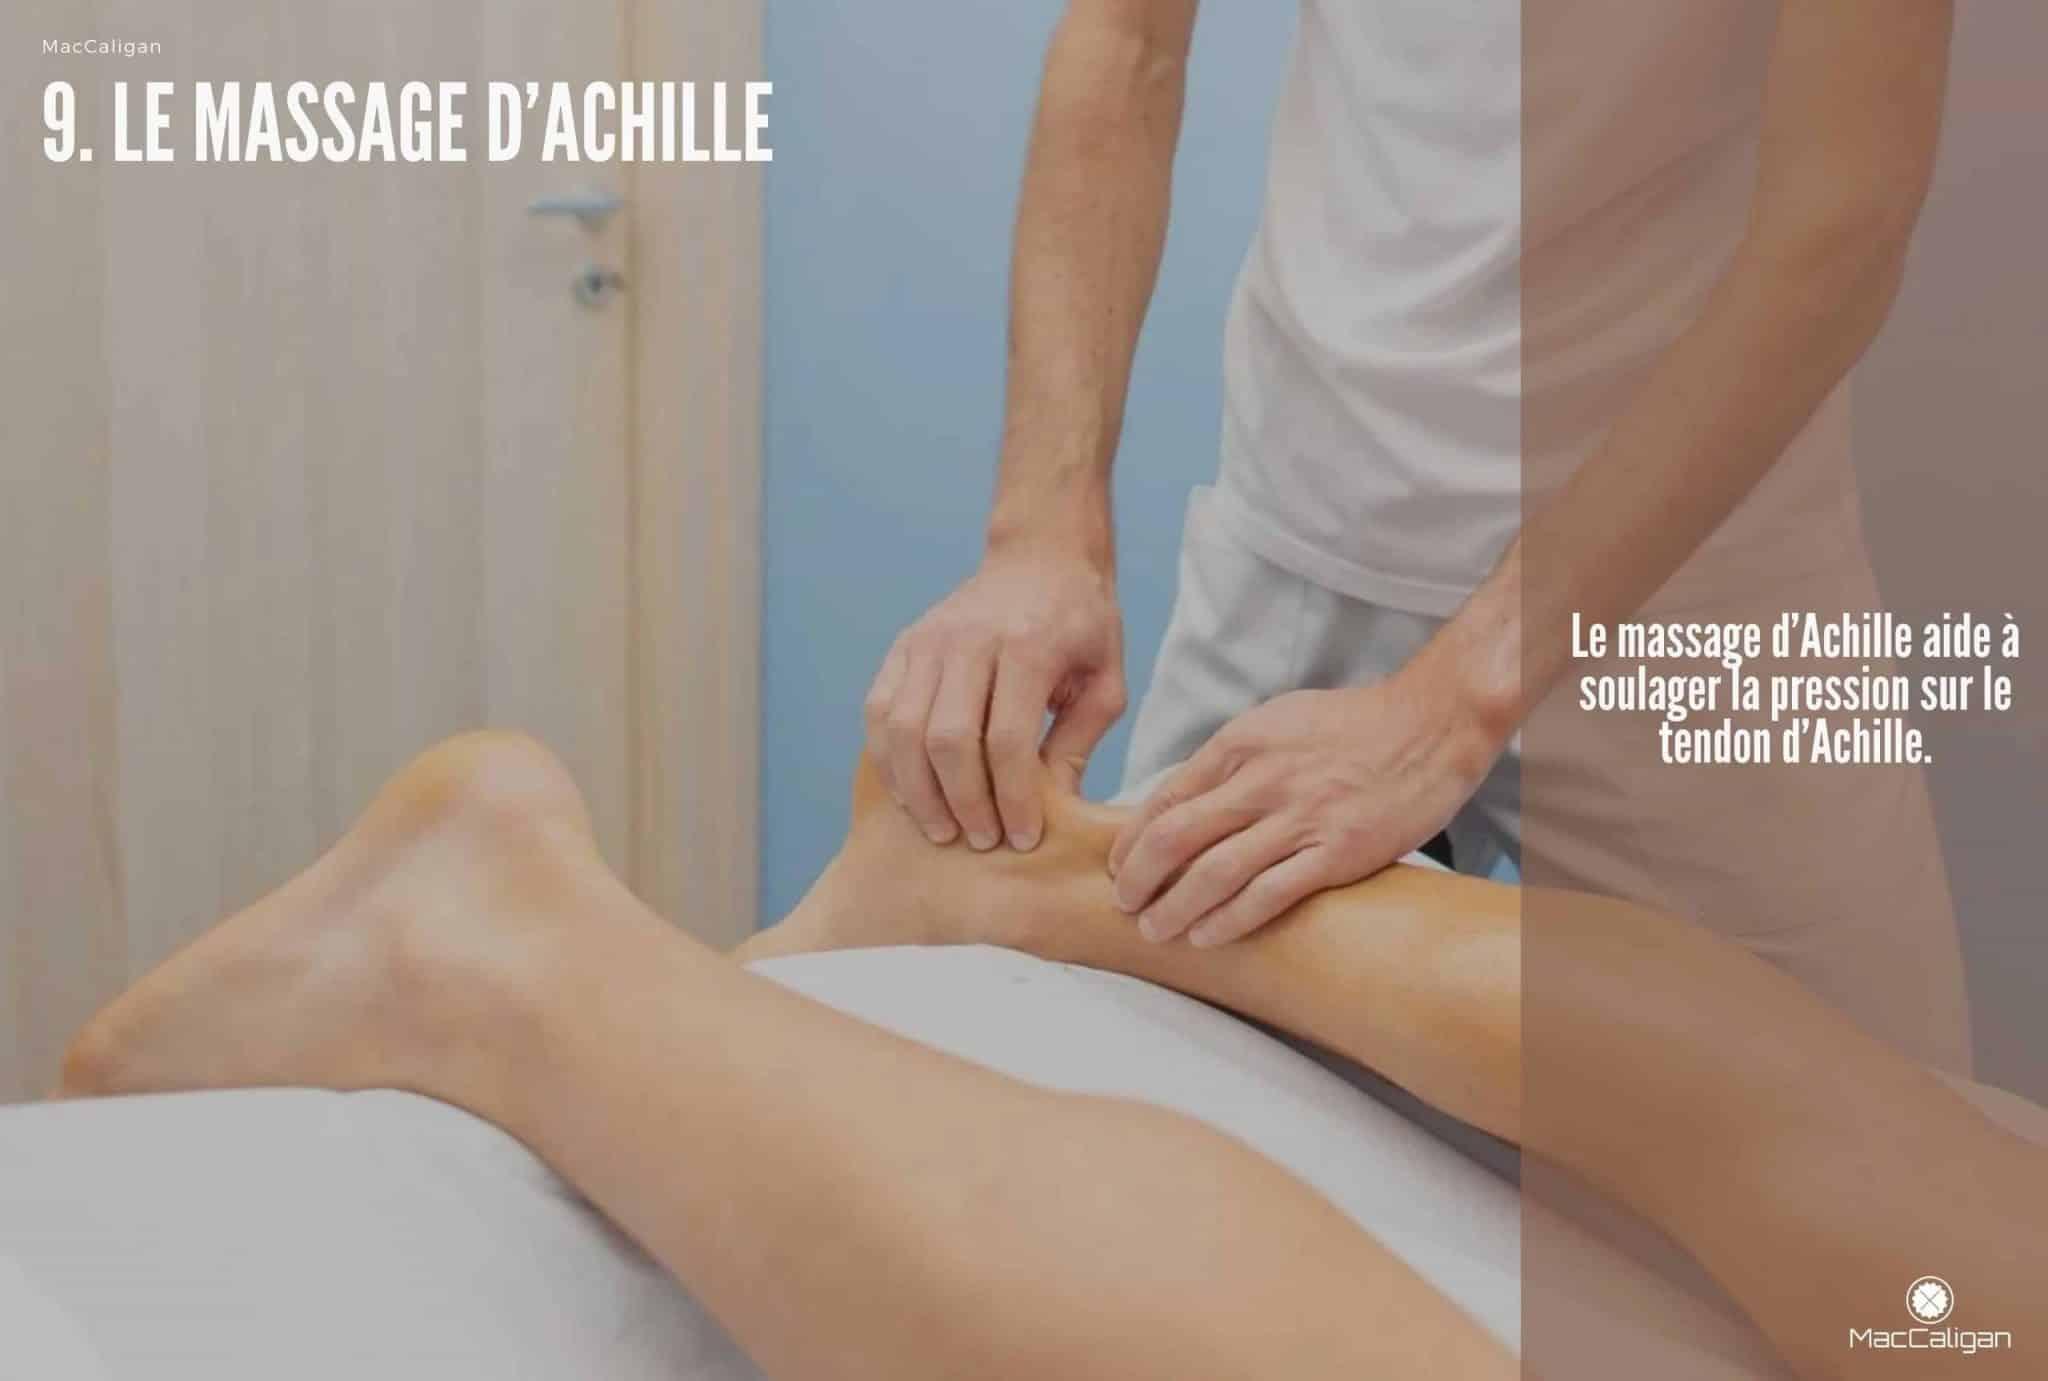 9. LE MASSAGE D'ACHILLE - MASSAGE PIED ZONE